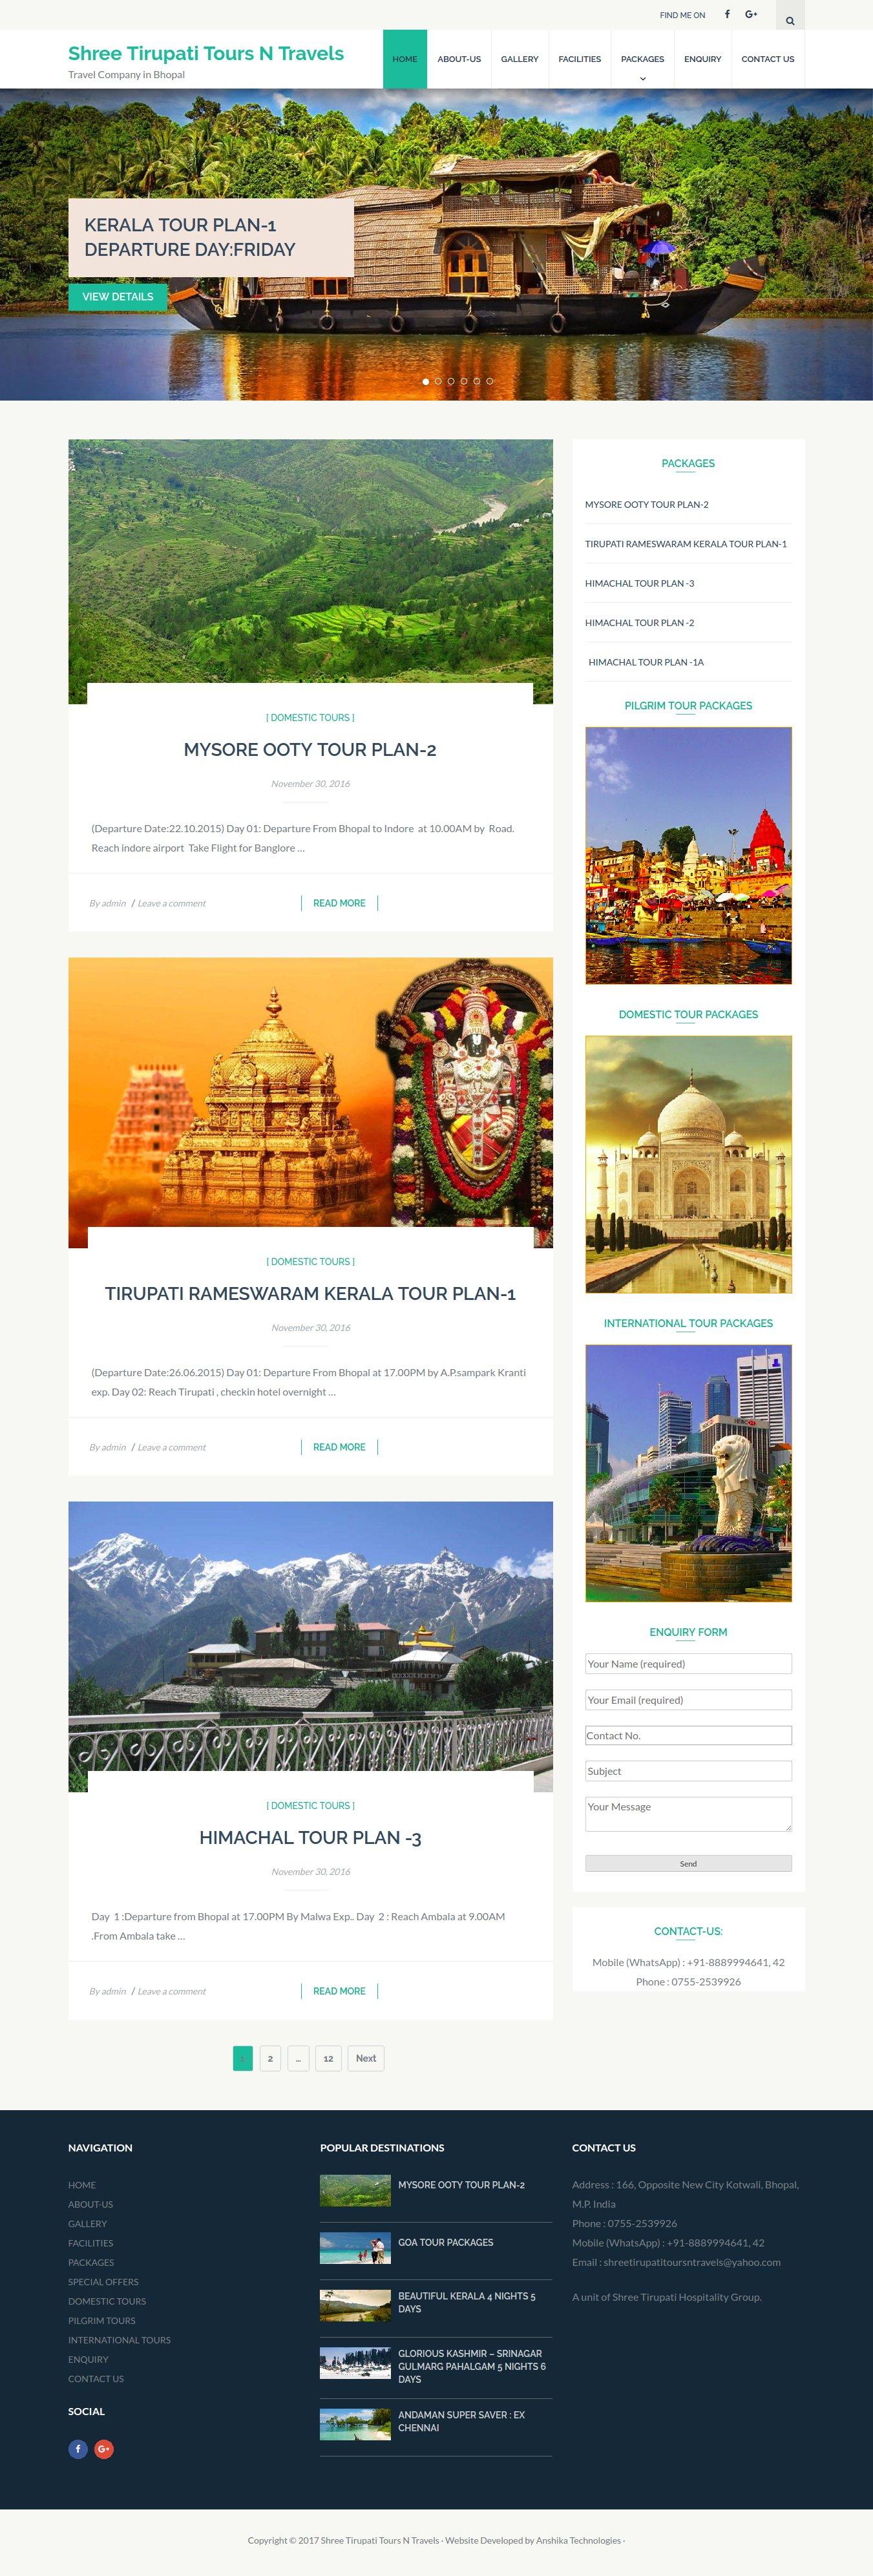 Shree Tirupati Tours & Travels